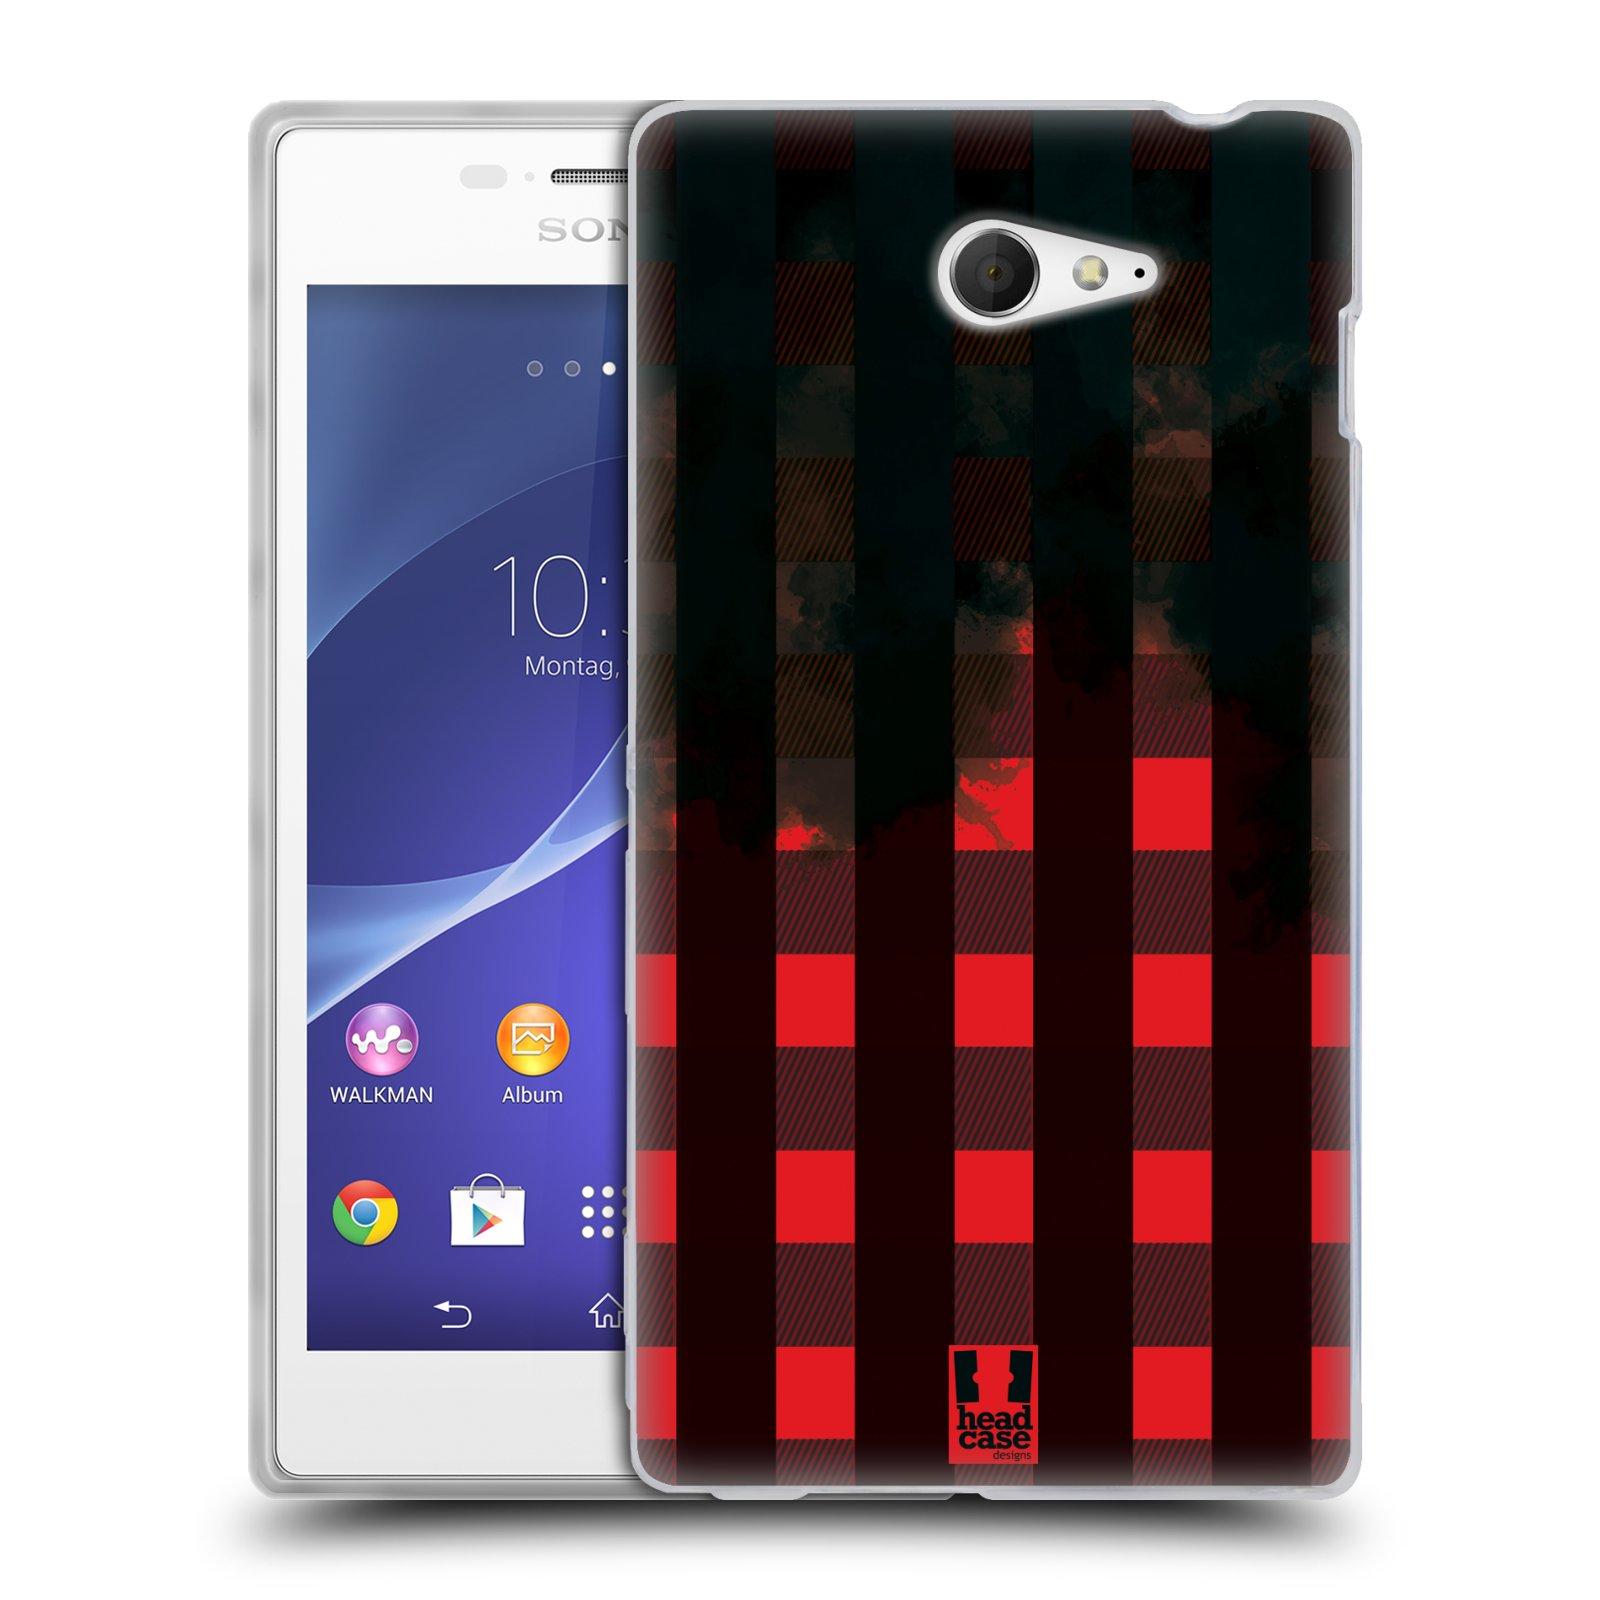 Silikonové pouzdro na mobil Sony Xperia M2 D2303 HEAD CASE FLANEL RED BLACK (Silikonový Kryt či obal na mobilní telefon Sony Xperia M2)